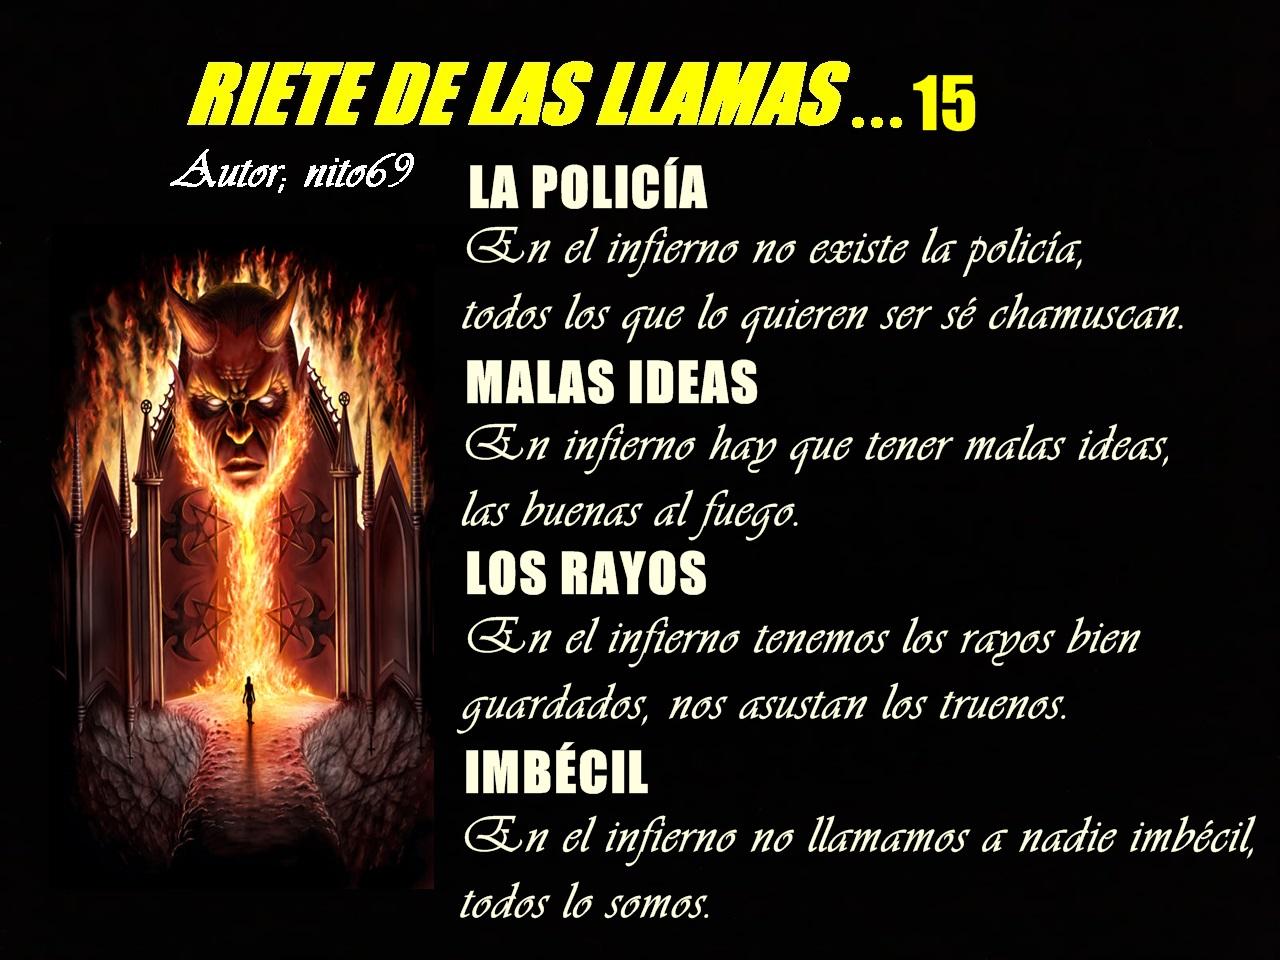 RIETE DE LAS LLAMAS 15